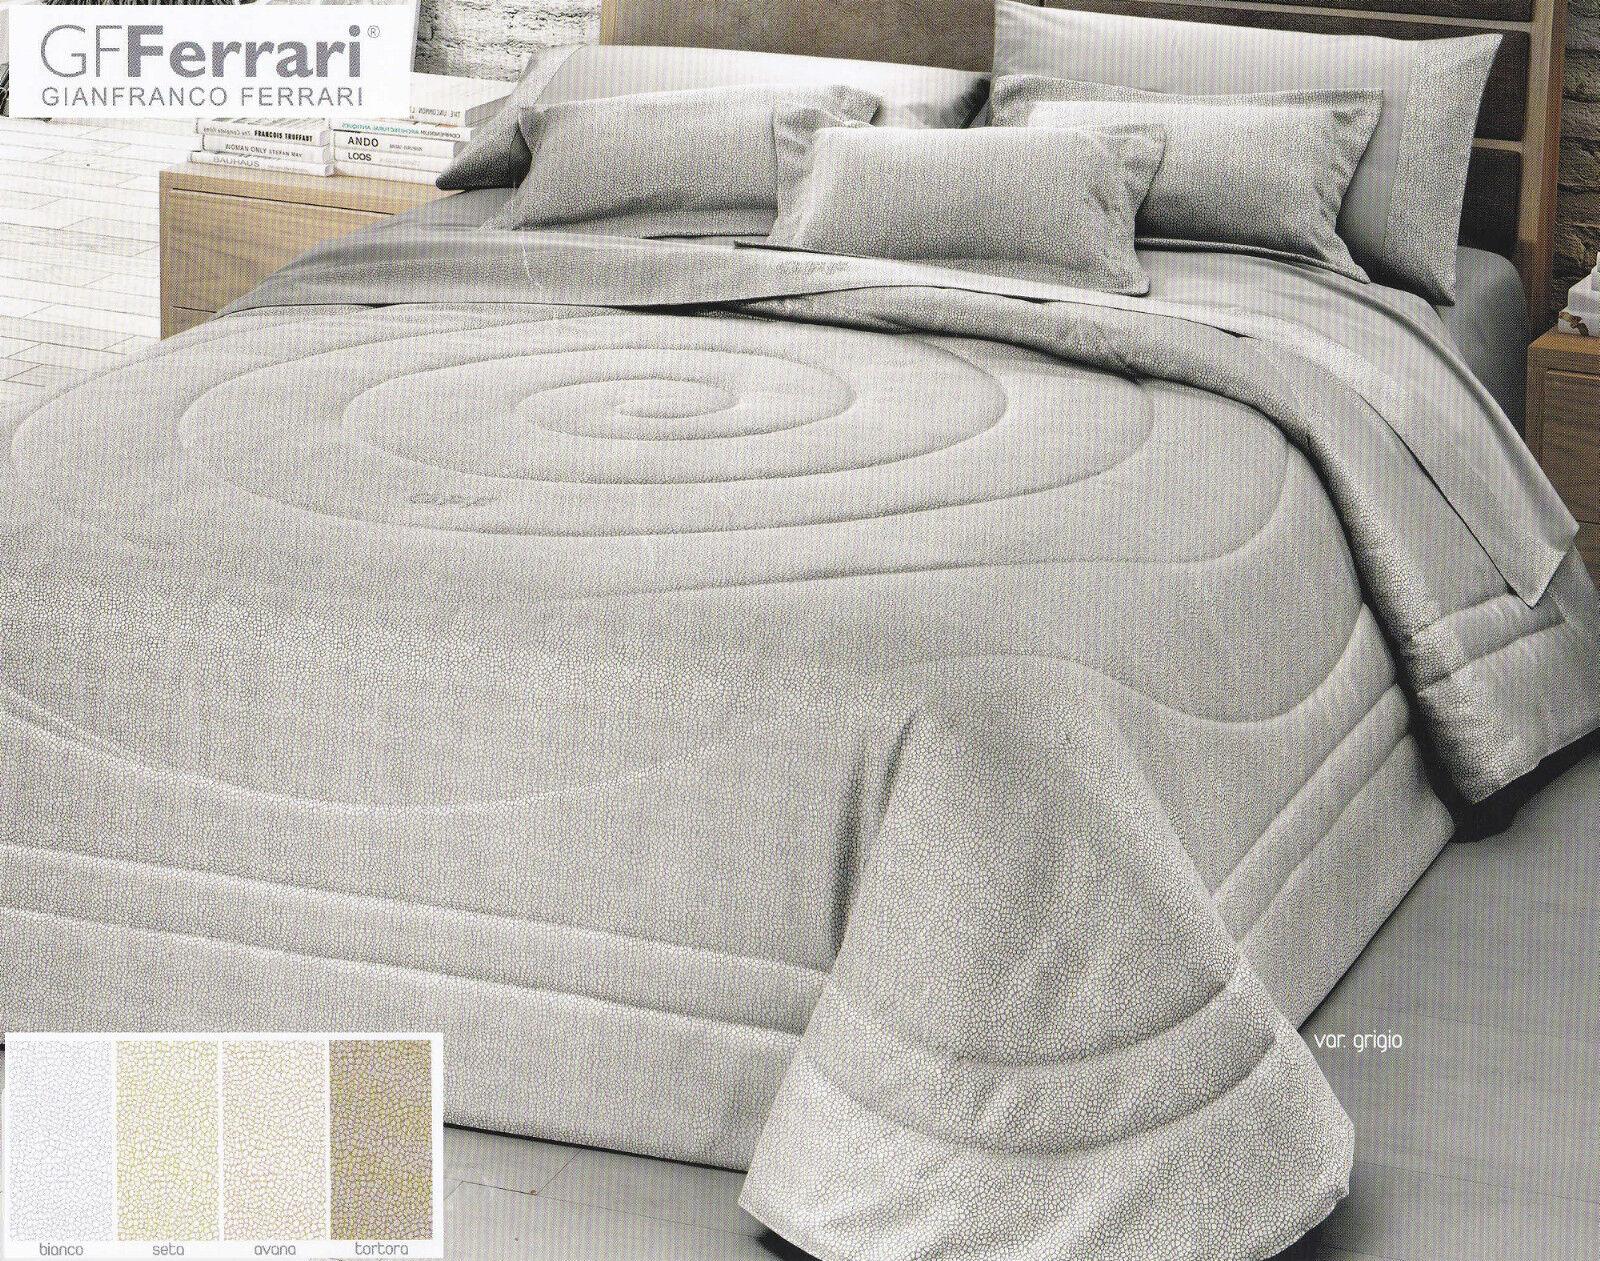 Quilted bedspread, Quilt + 2 Pillowcases pillows. FERRARI CASSANDRA. Double